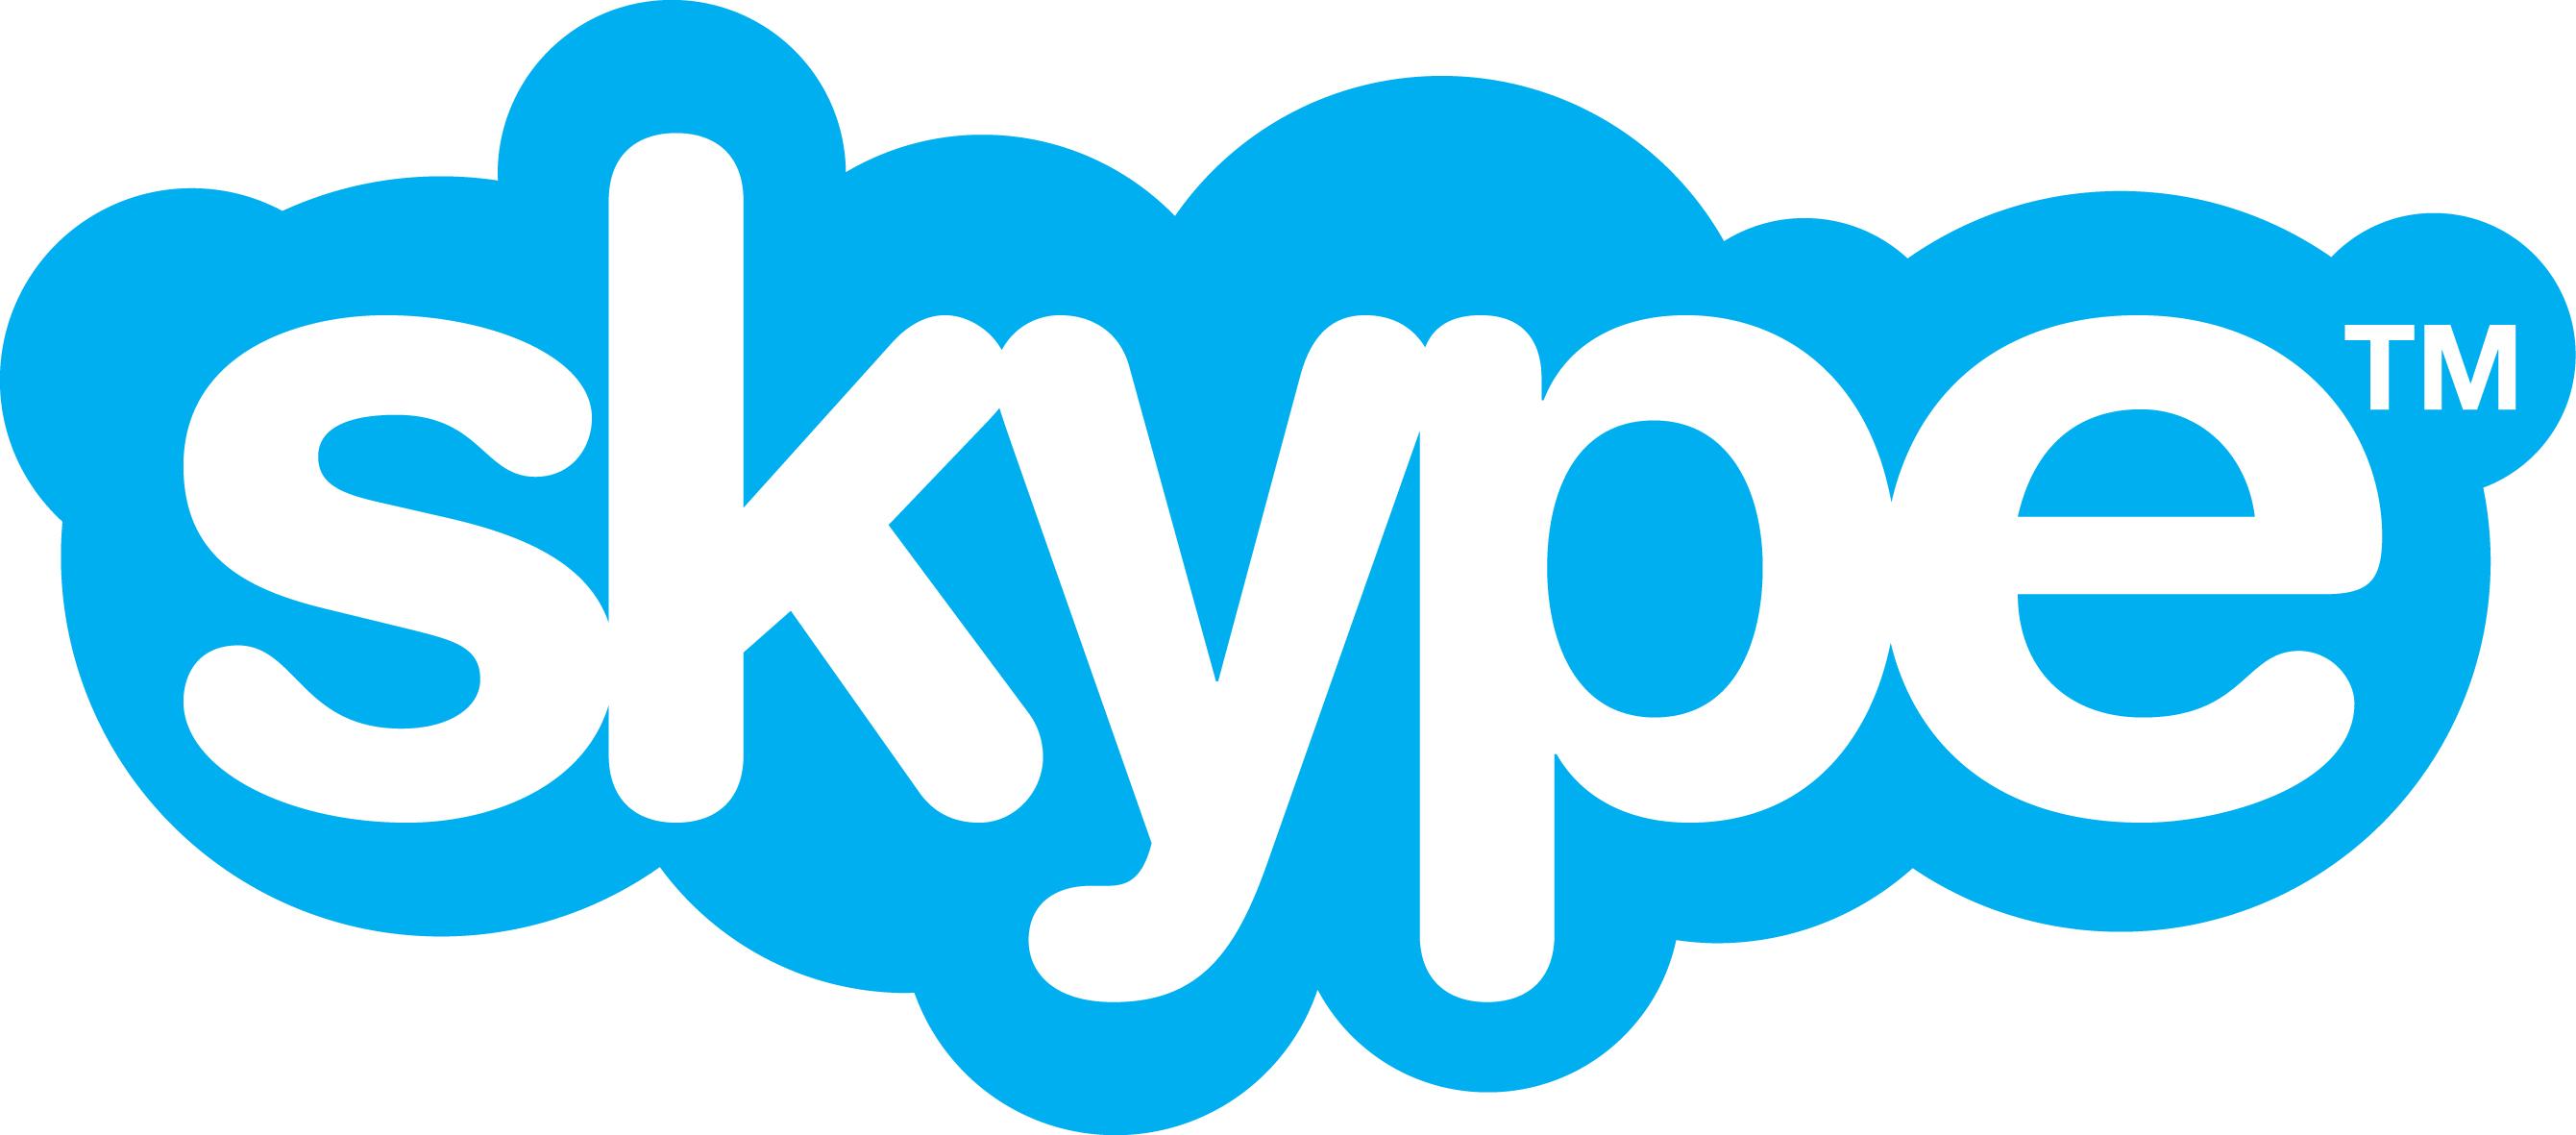 دانلود نرم افزار اسکایپ skype